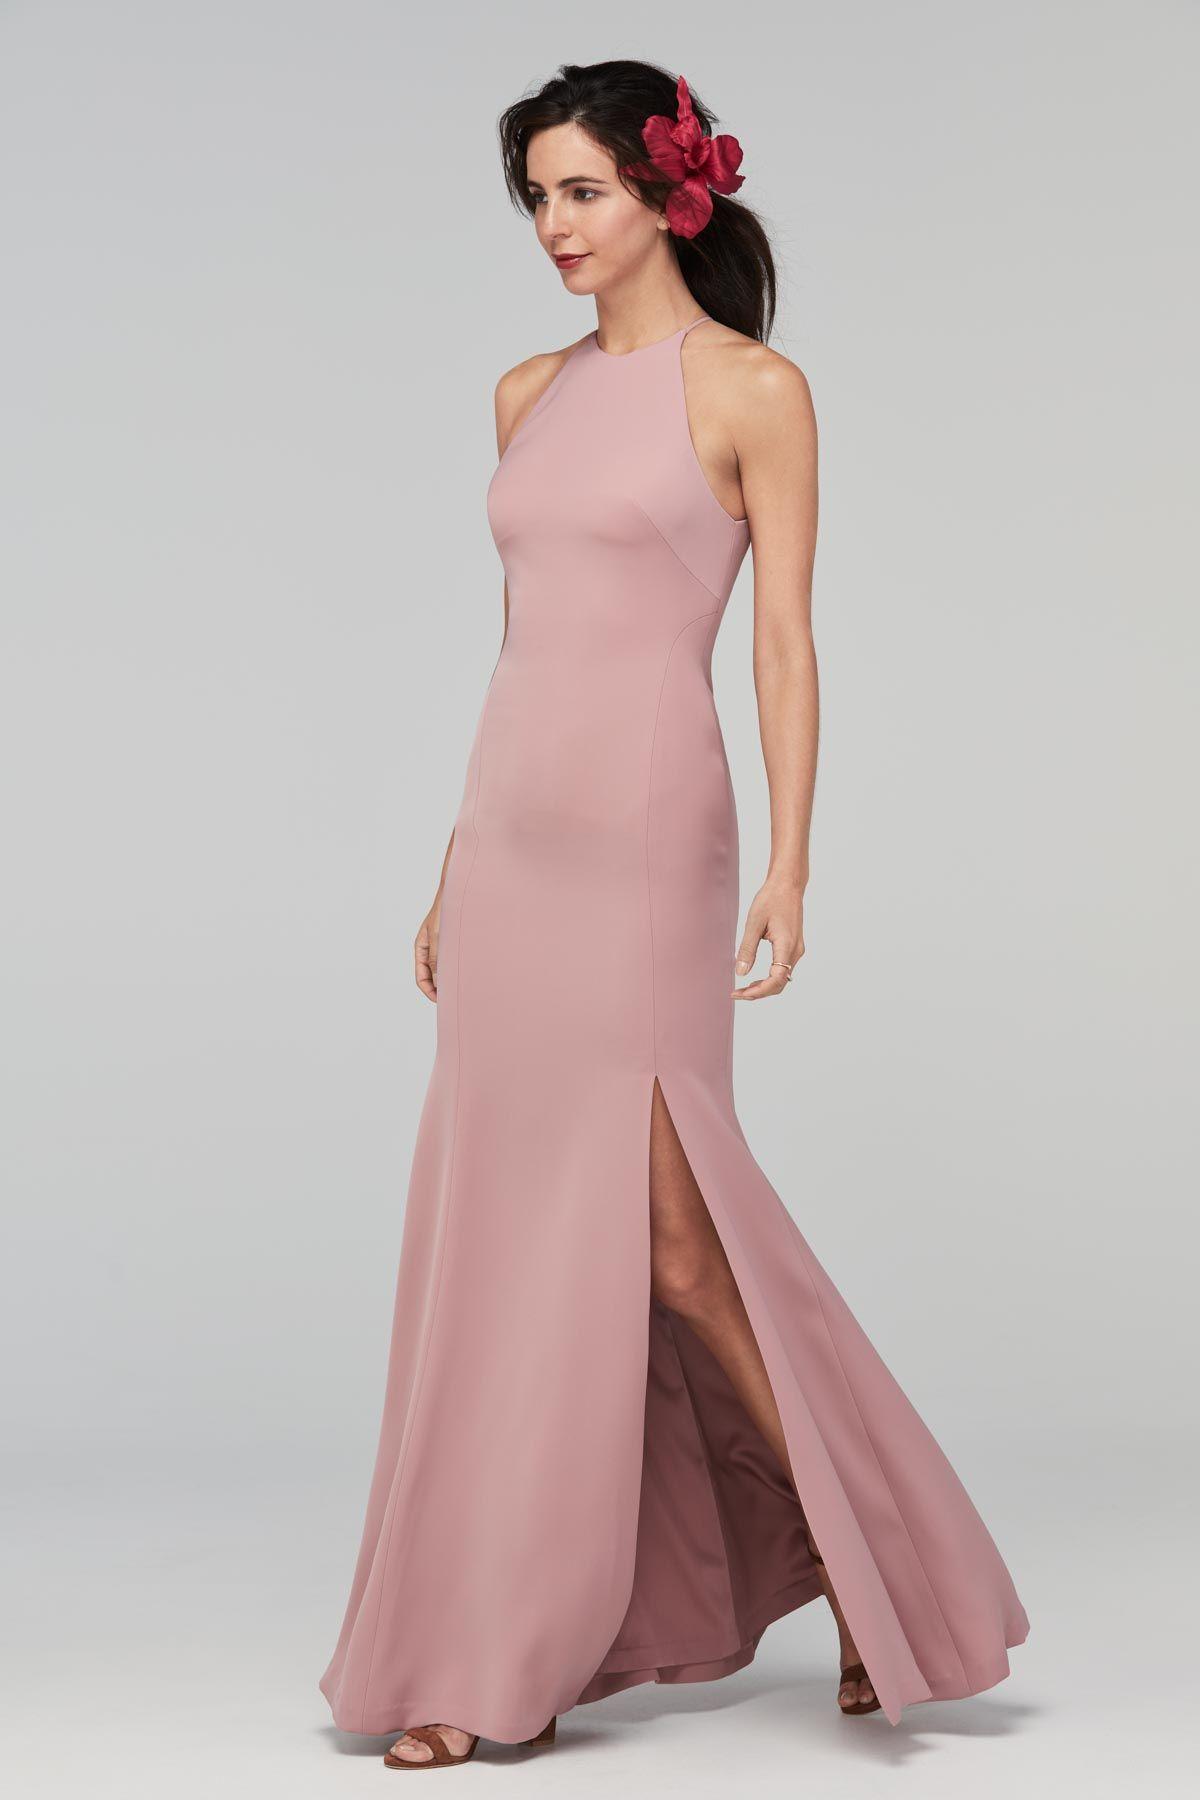 Mical 3800   Bridesmaids   Watters   Bridesmaids at Mary Me   Pinterest